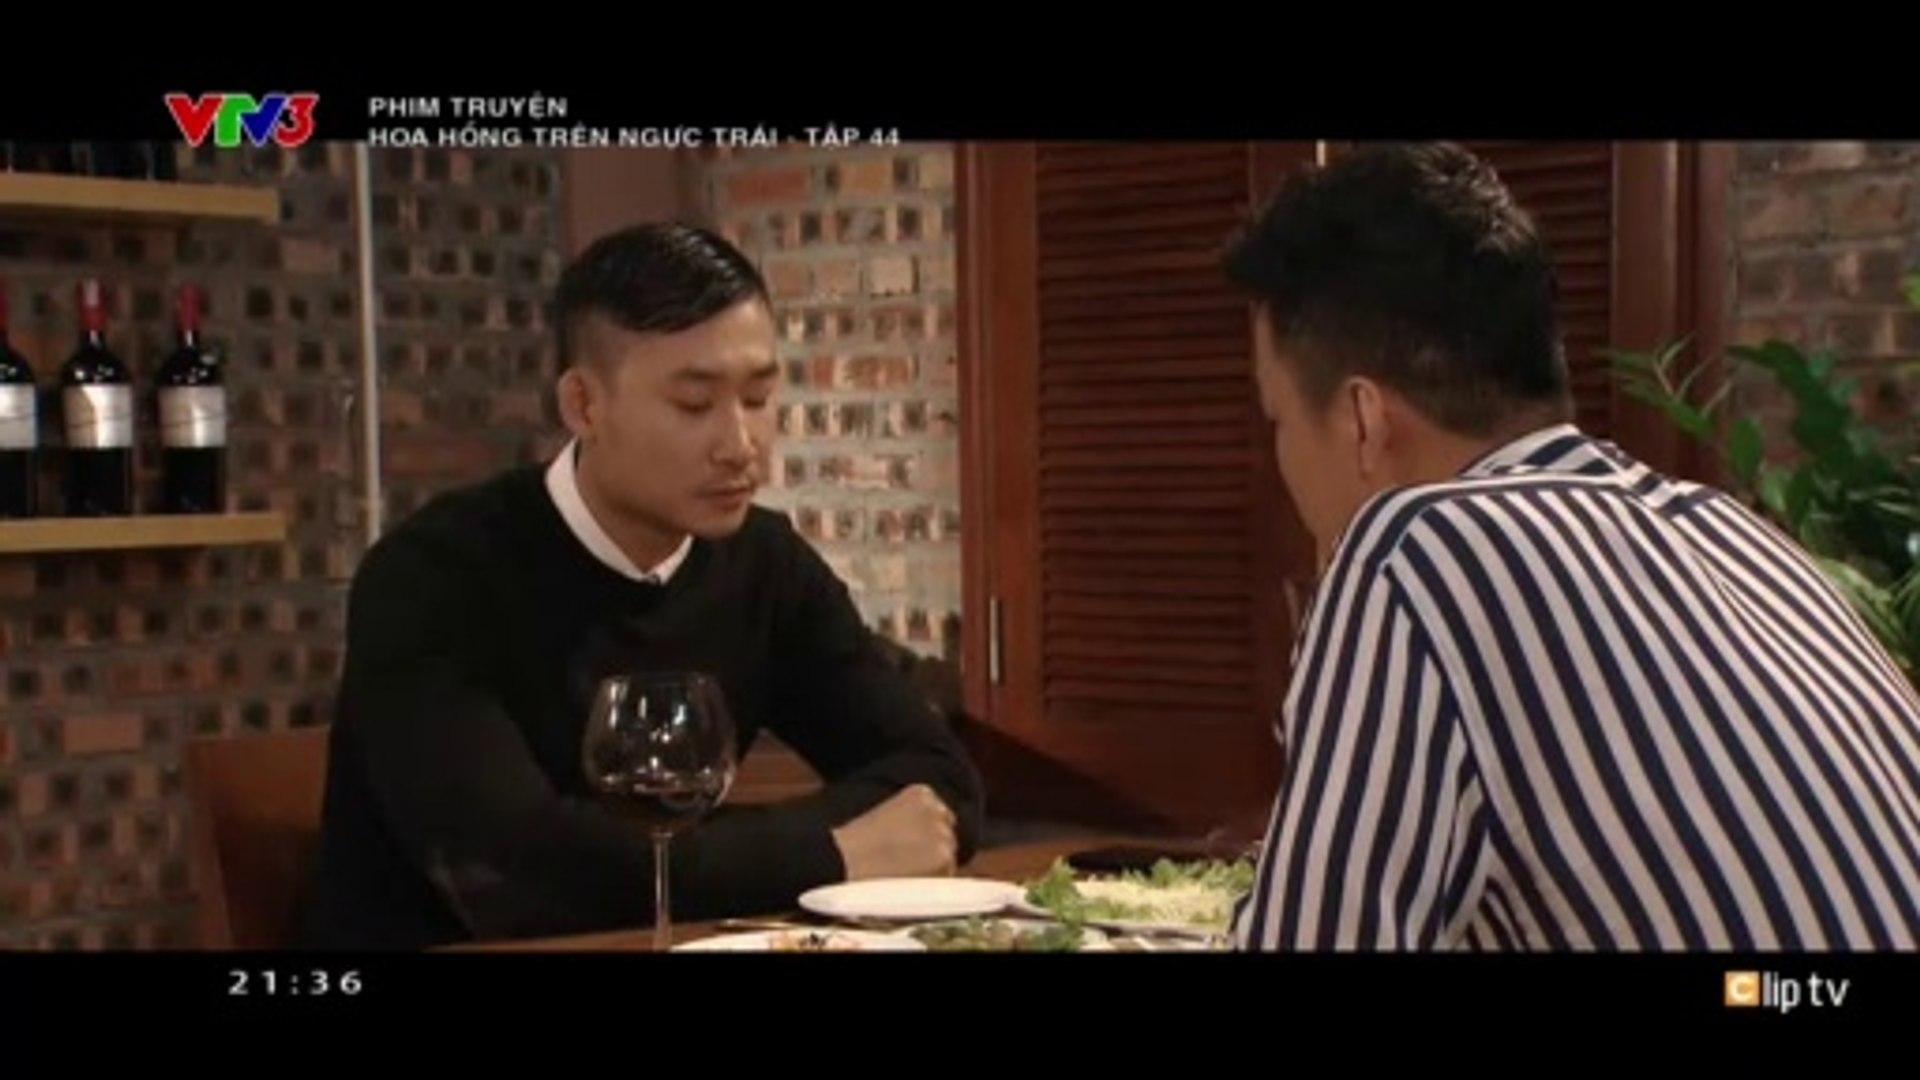 Hoa Hồng Trên Ngực Trái Tập 44 - Ngày 2-1-2020 - Phim Việt Nam VTV3